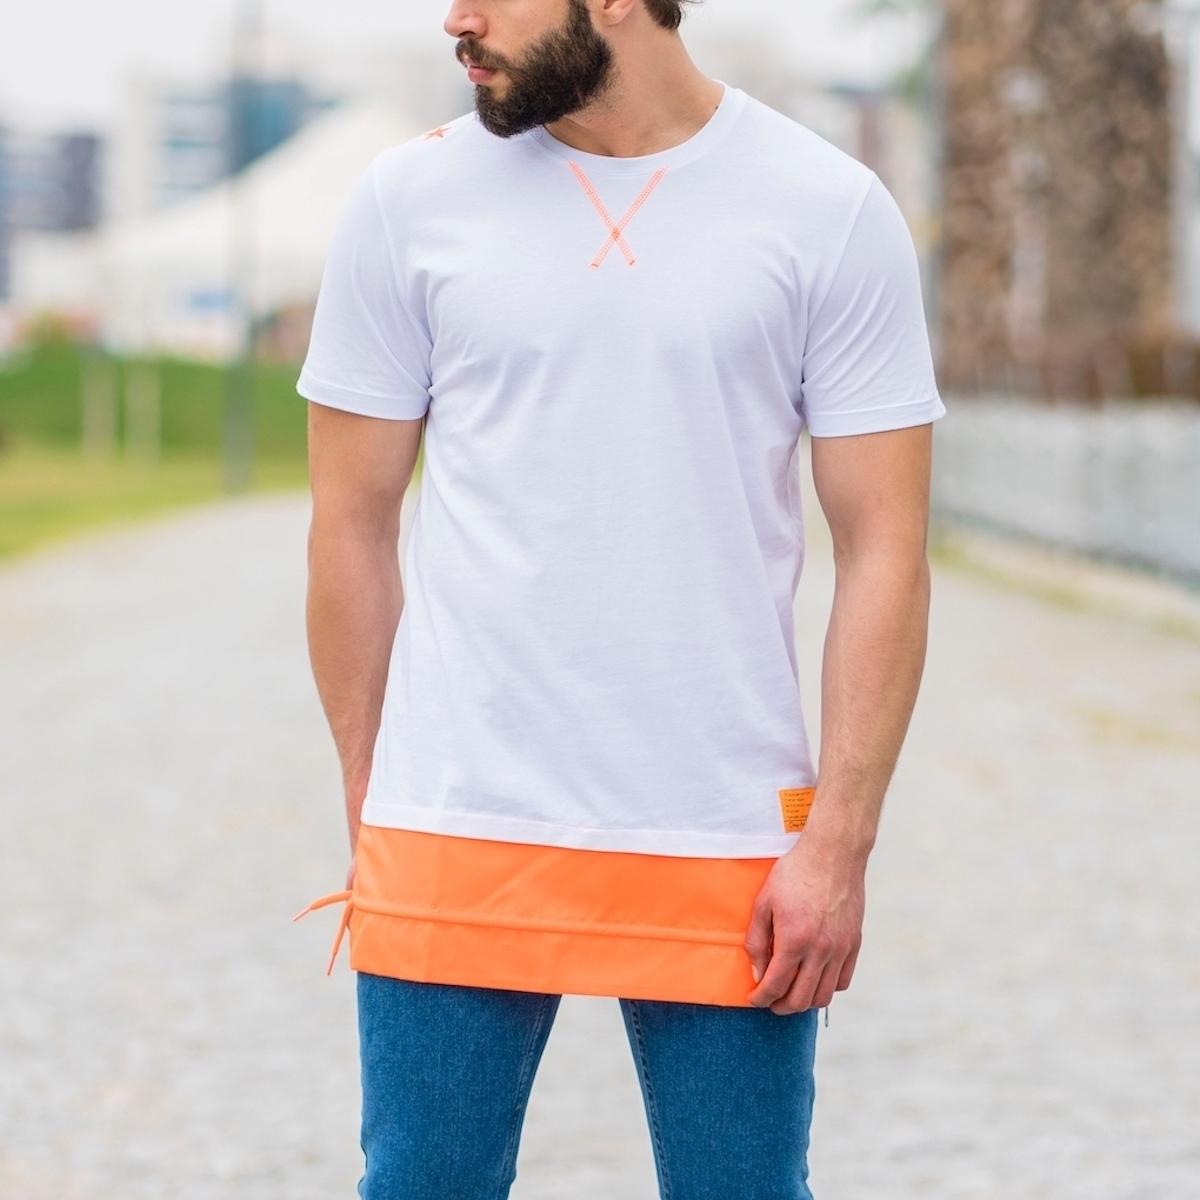 Erkek Uzun Kesim Eteği Turuncu Detaylı Beyaz Tişört